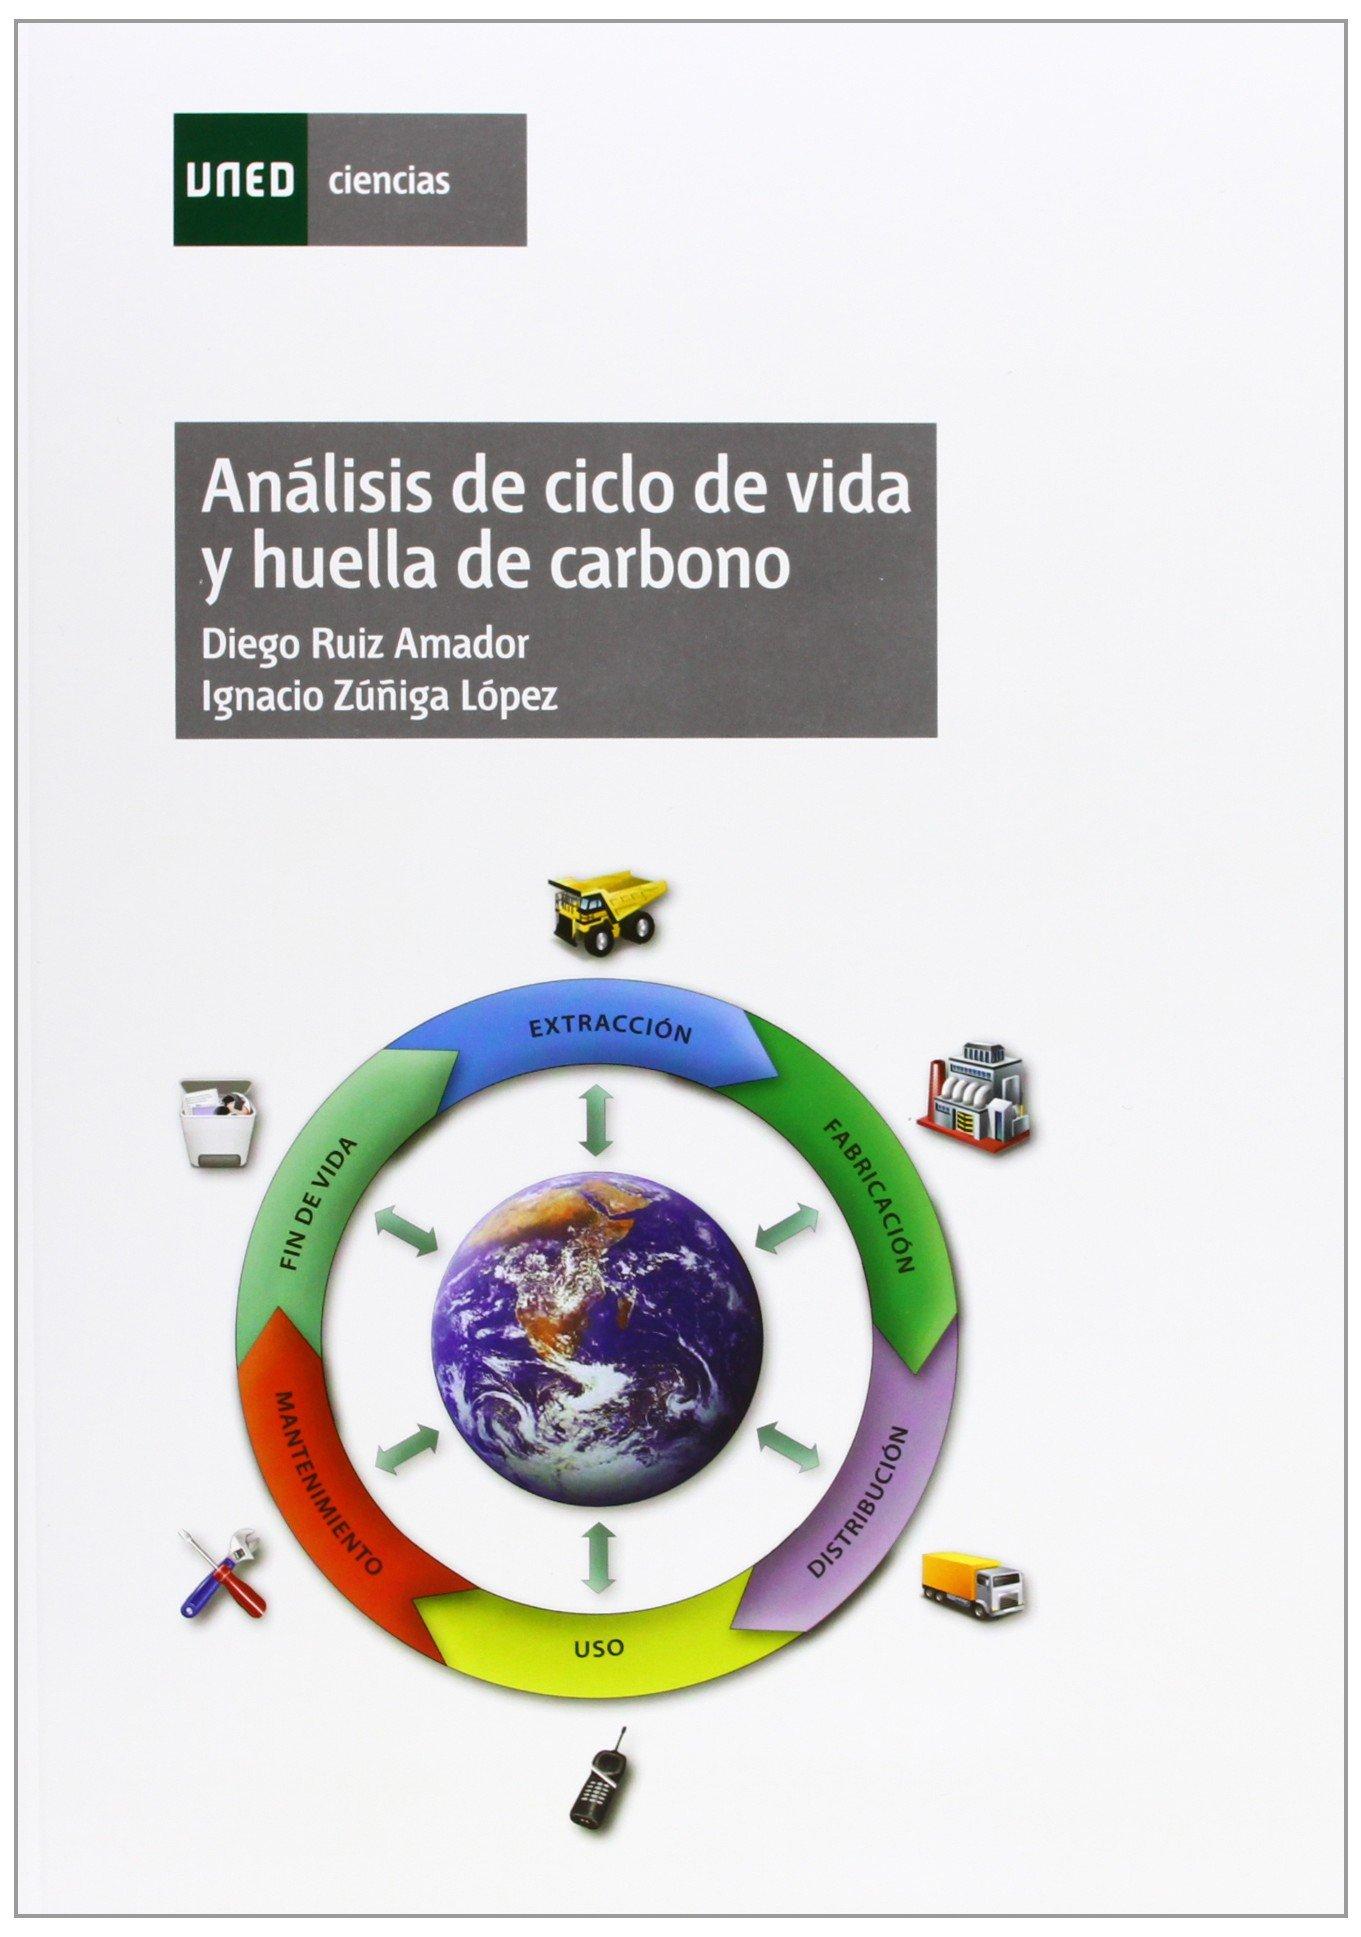 Análisis de ciclo de vida y huella de carbono CIENCIAS: Amazon.es: Ruiz Amador, Diego, Zúñiga López, Ignacio: Libros